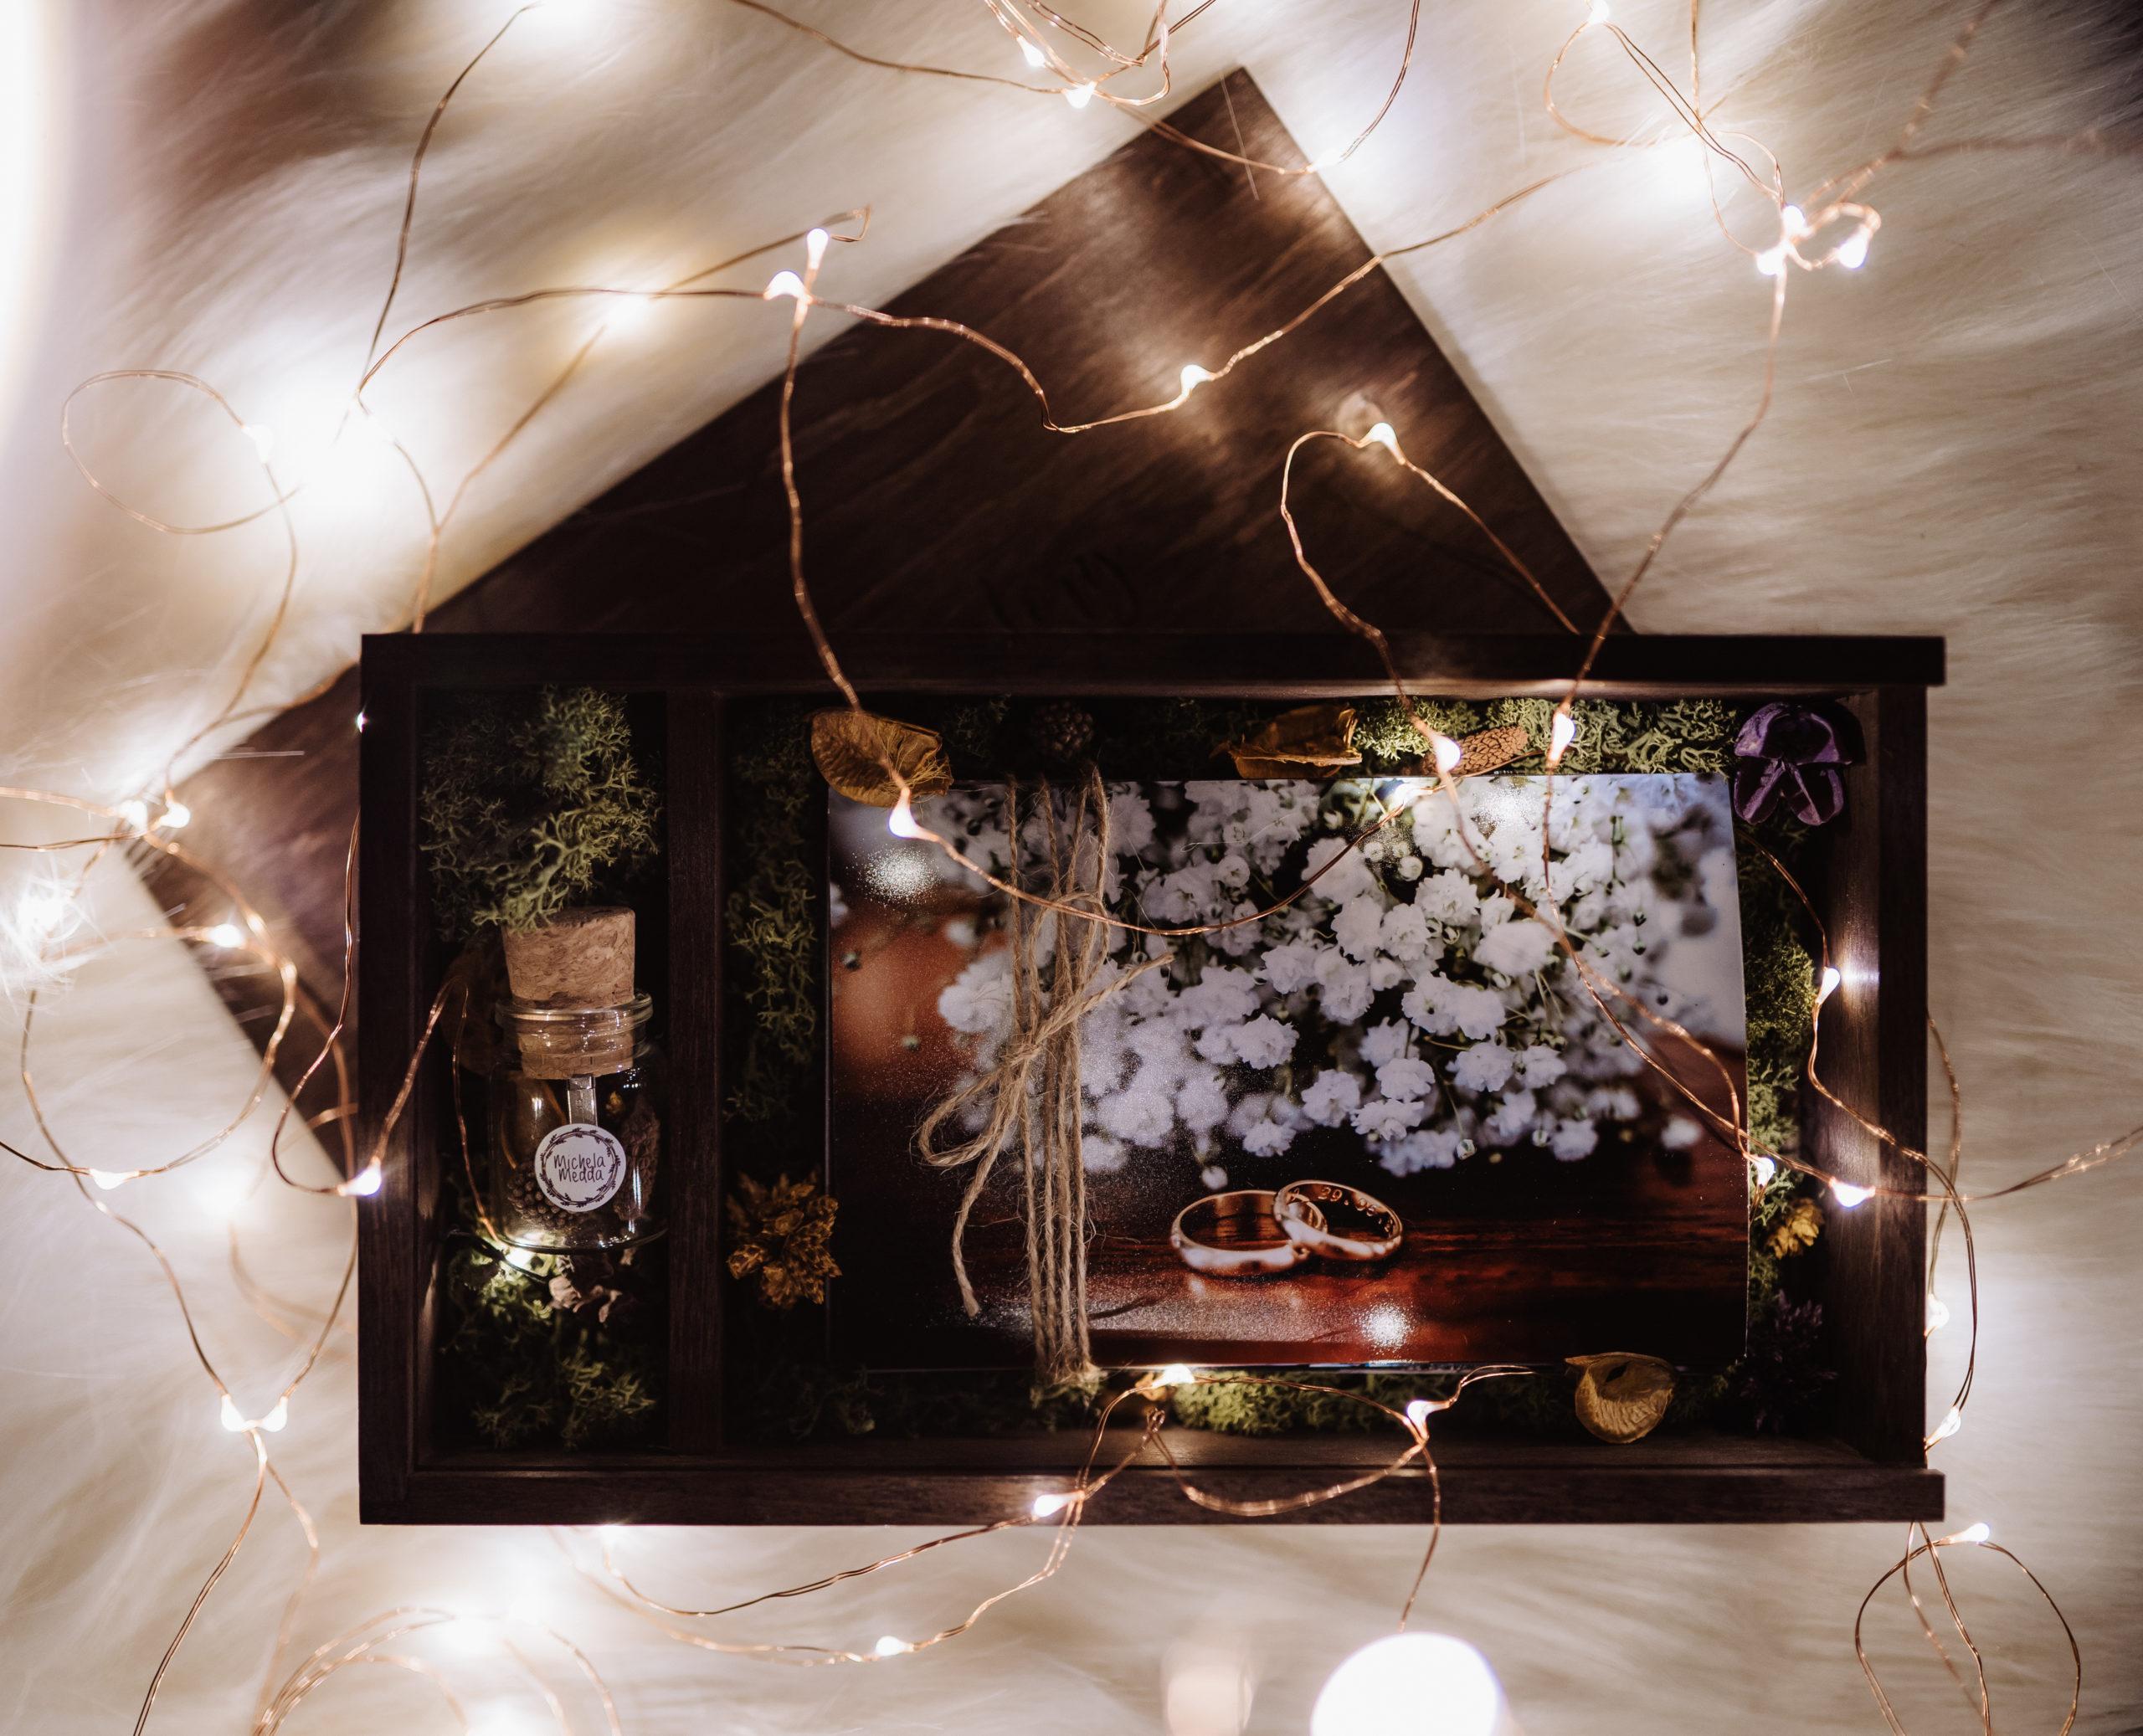 Scatola in legno contenente le foto del matrimonio